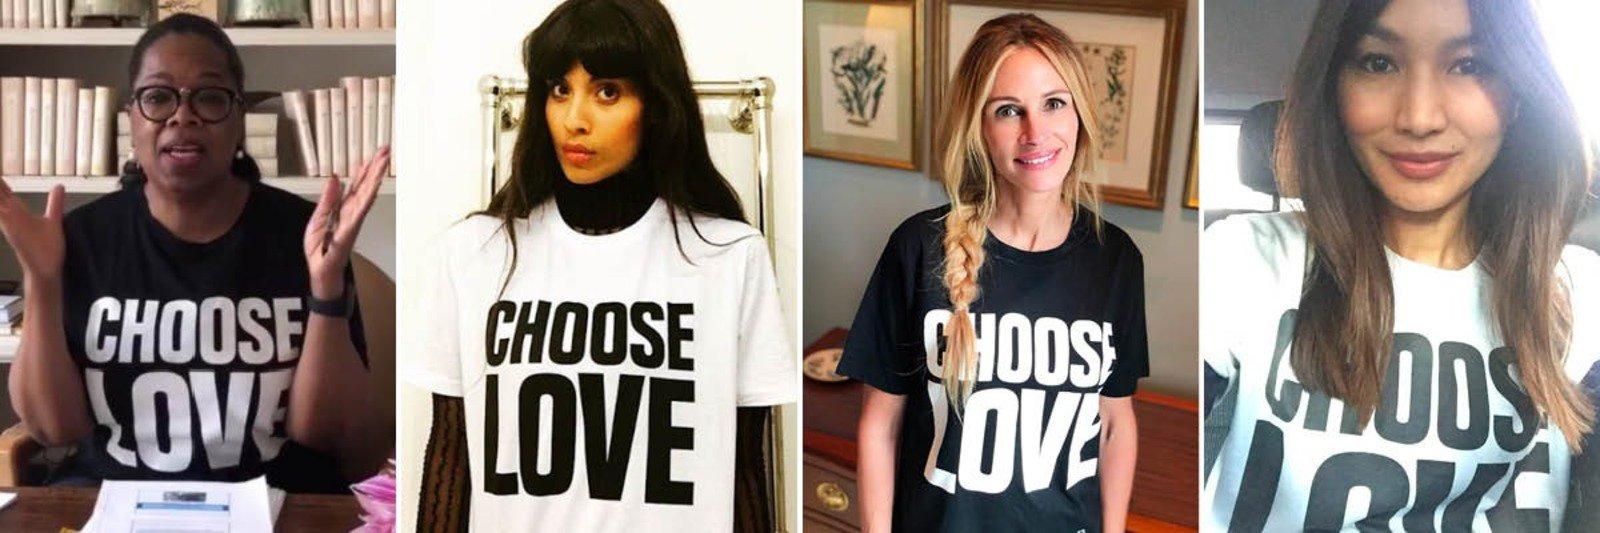 choose-love-embed6.jpg